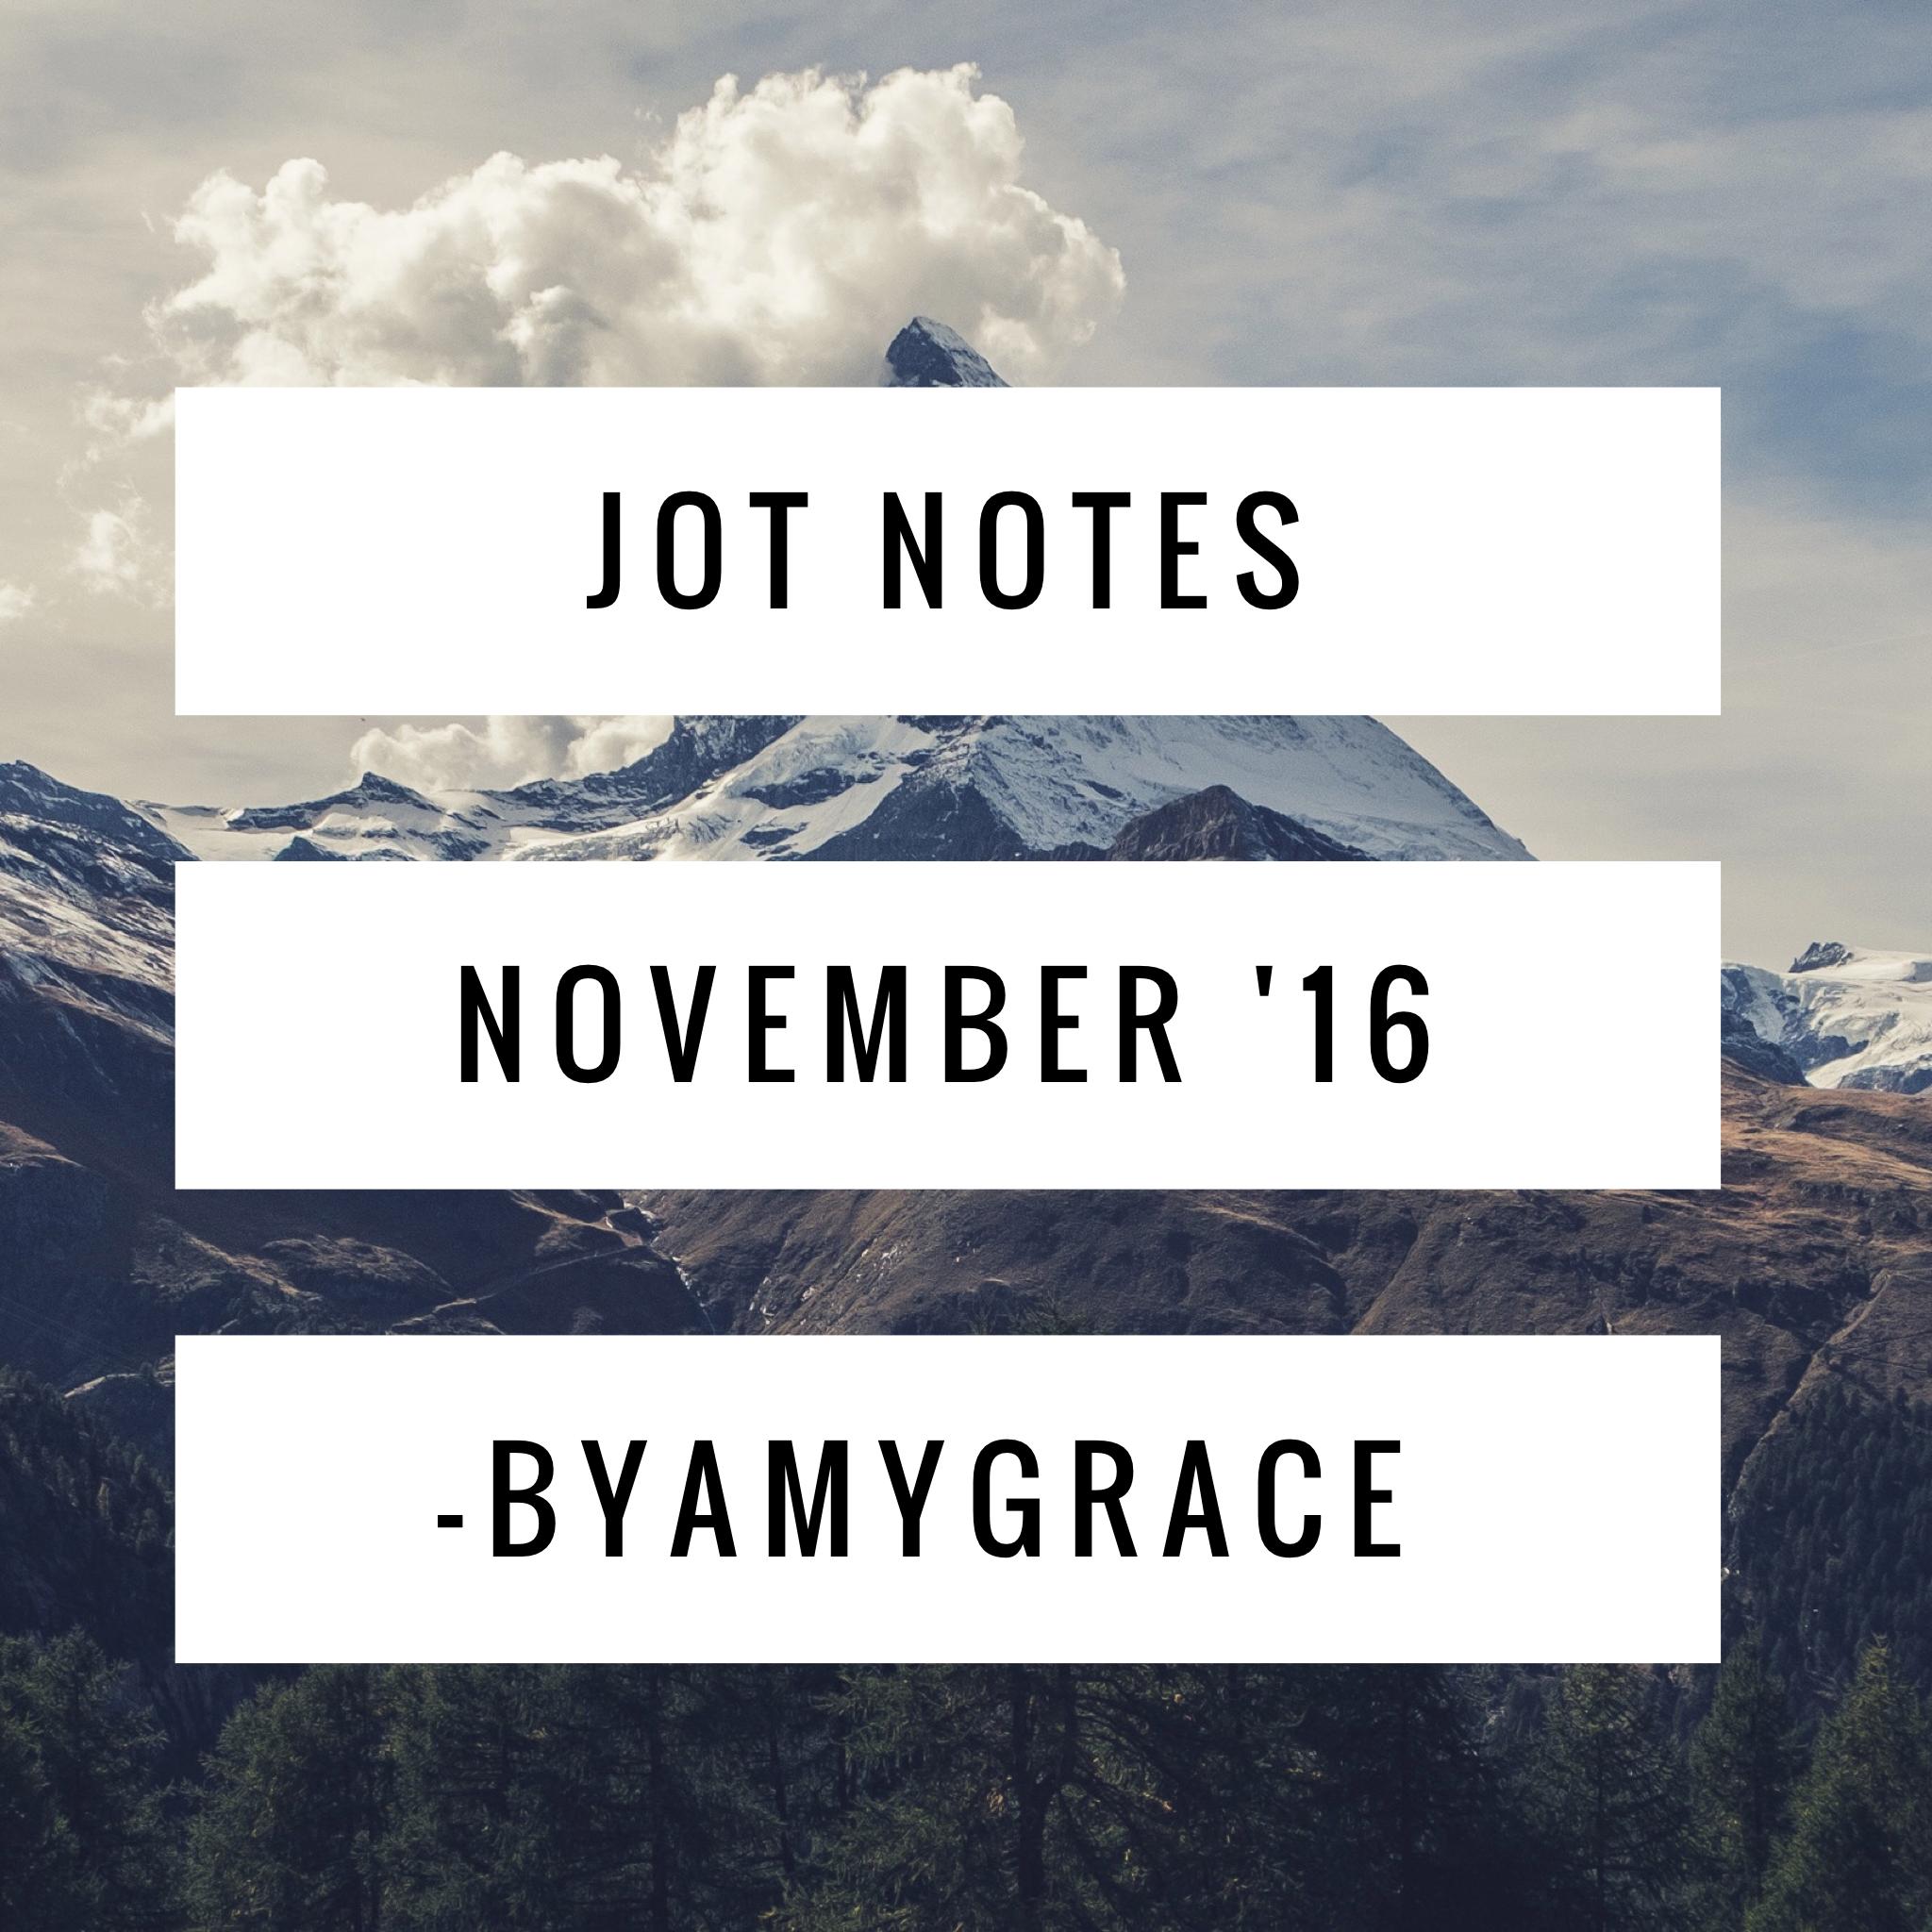 jot notes.byamygrace.november.16